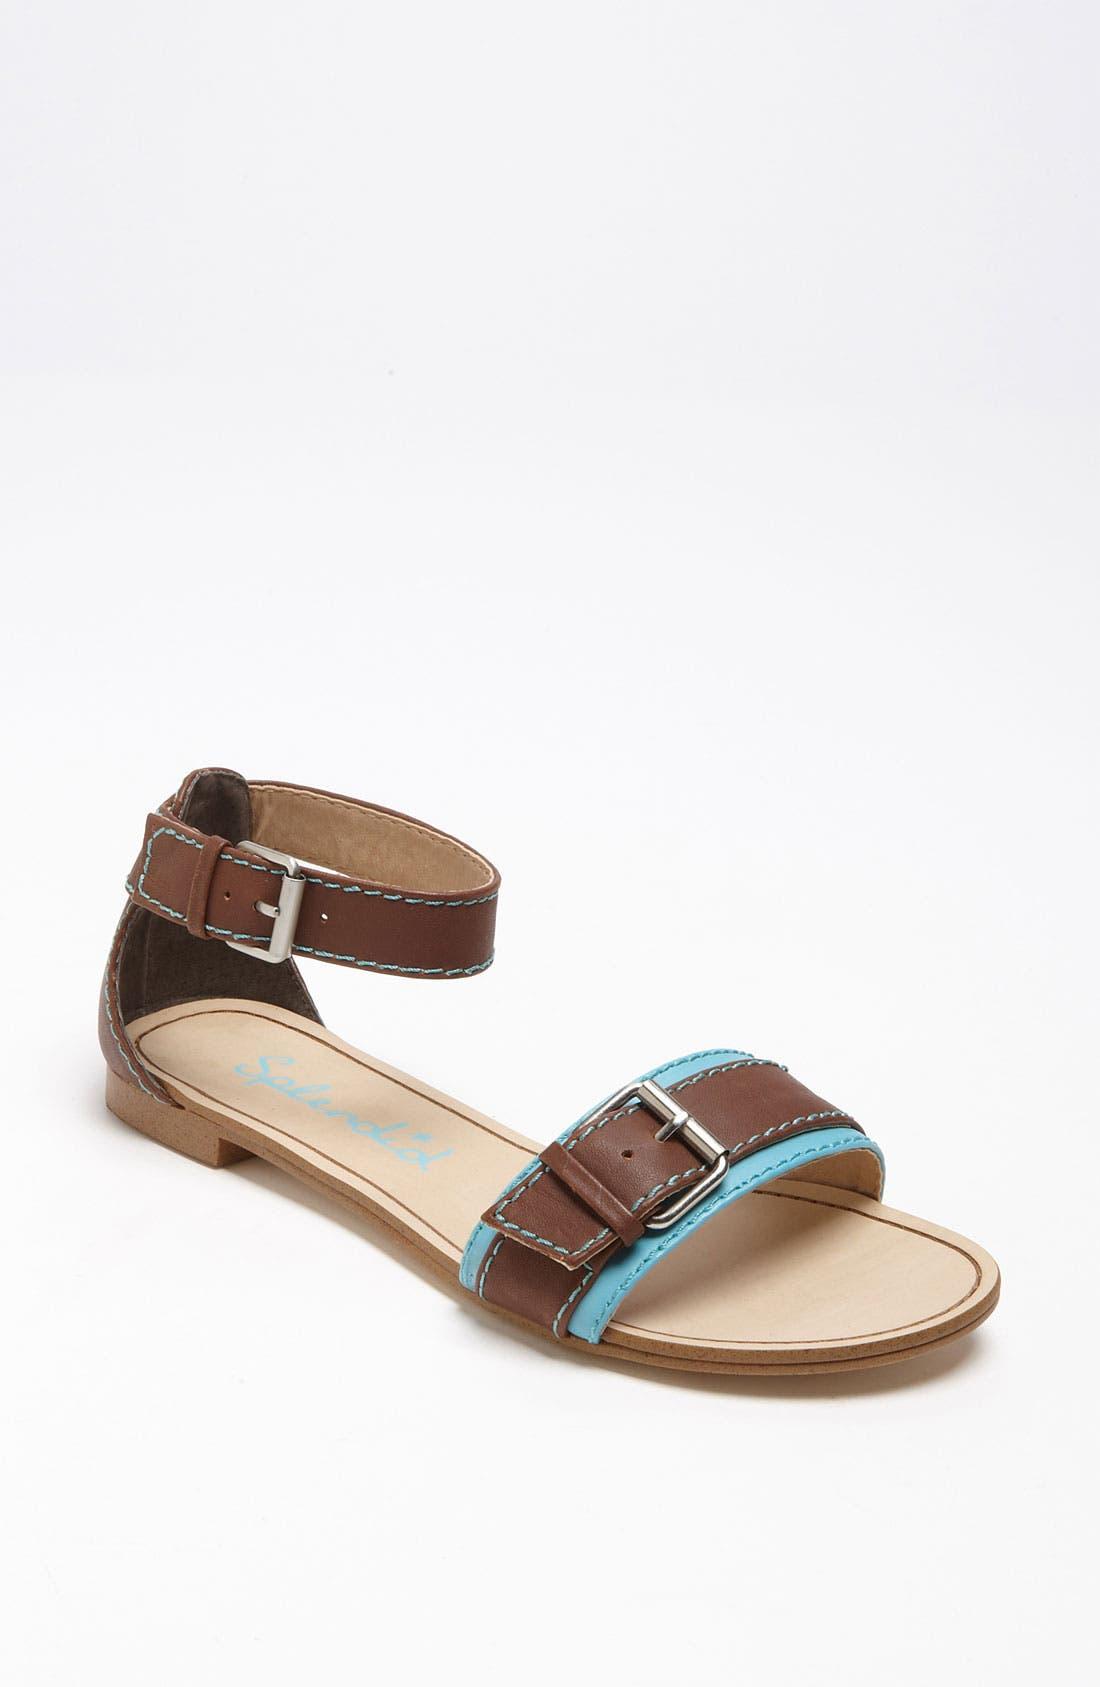 Alternate Image 1 Selected - Splendid 'Caribbean' Sandal